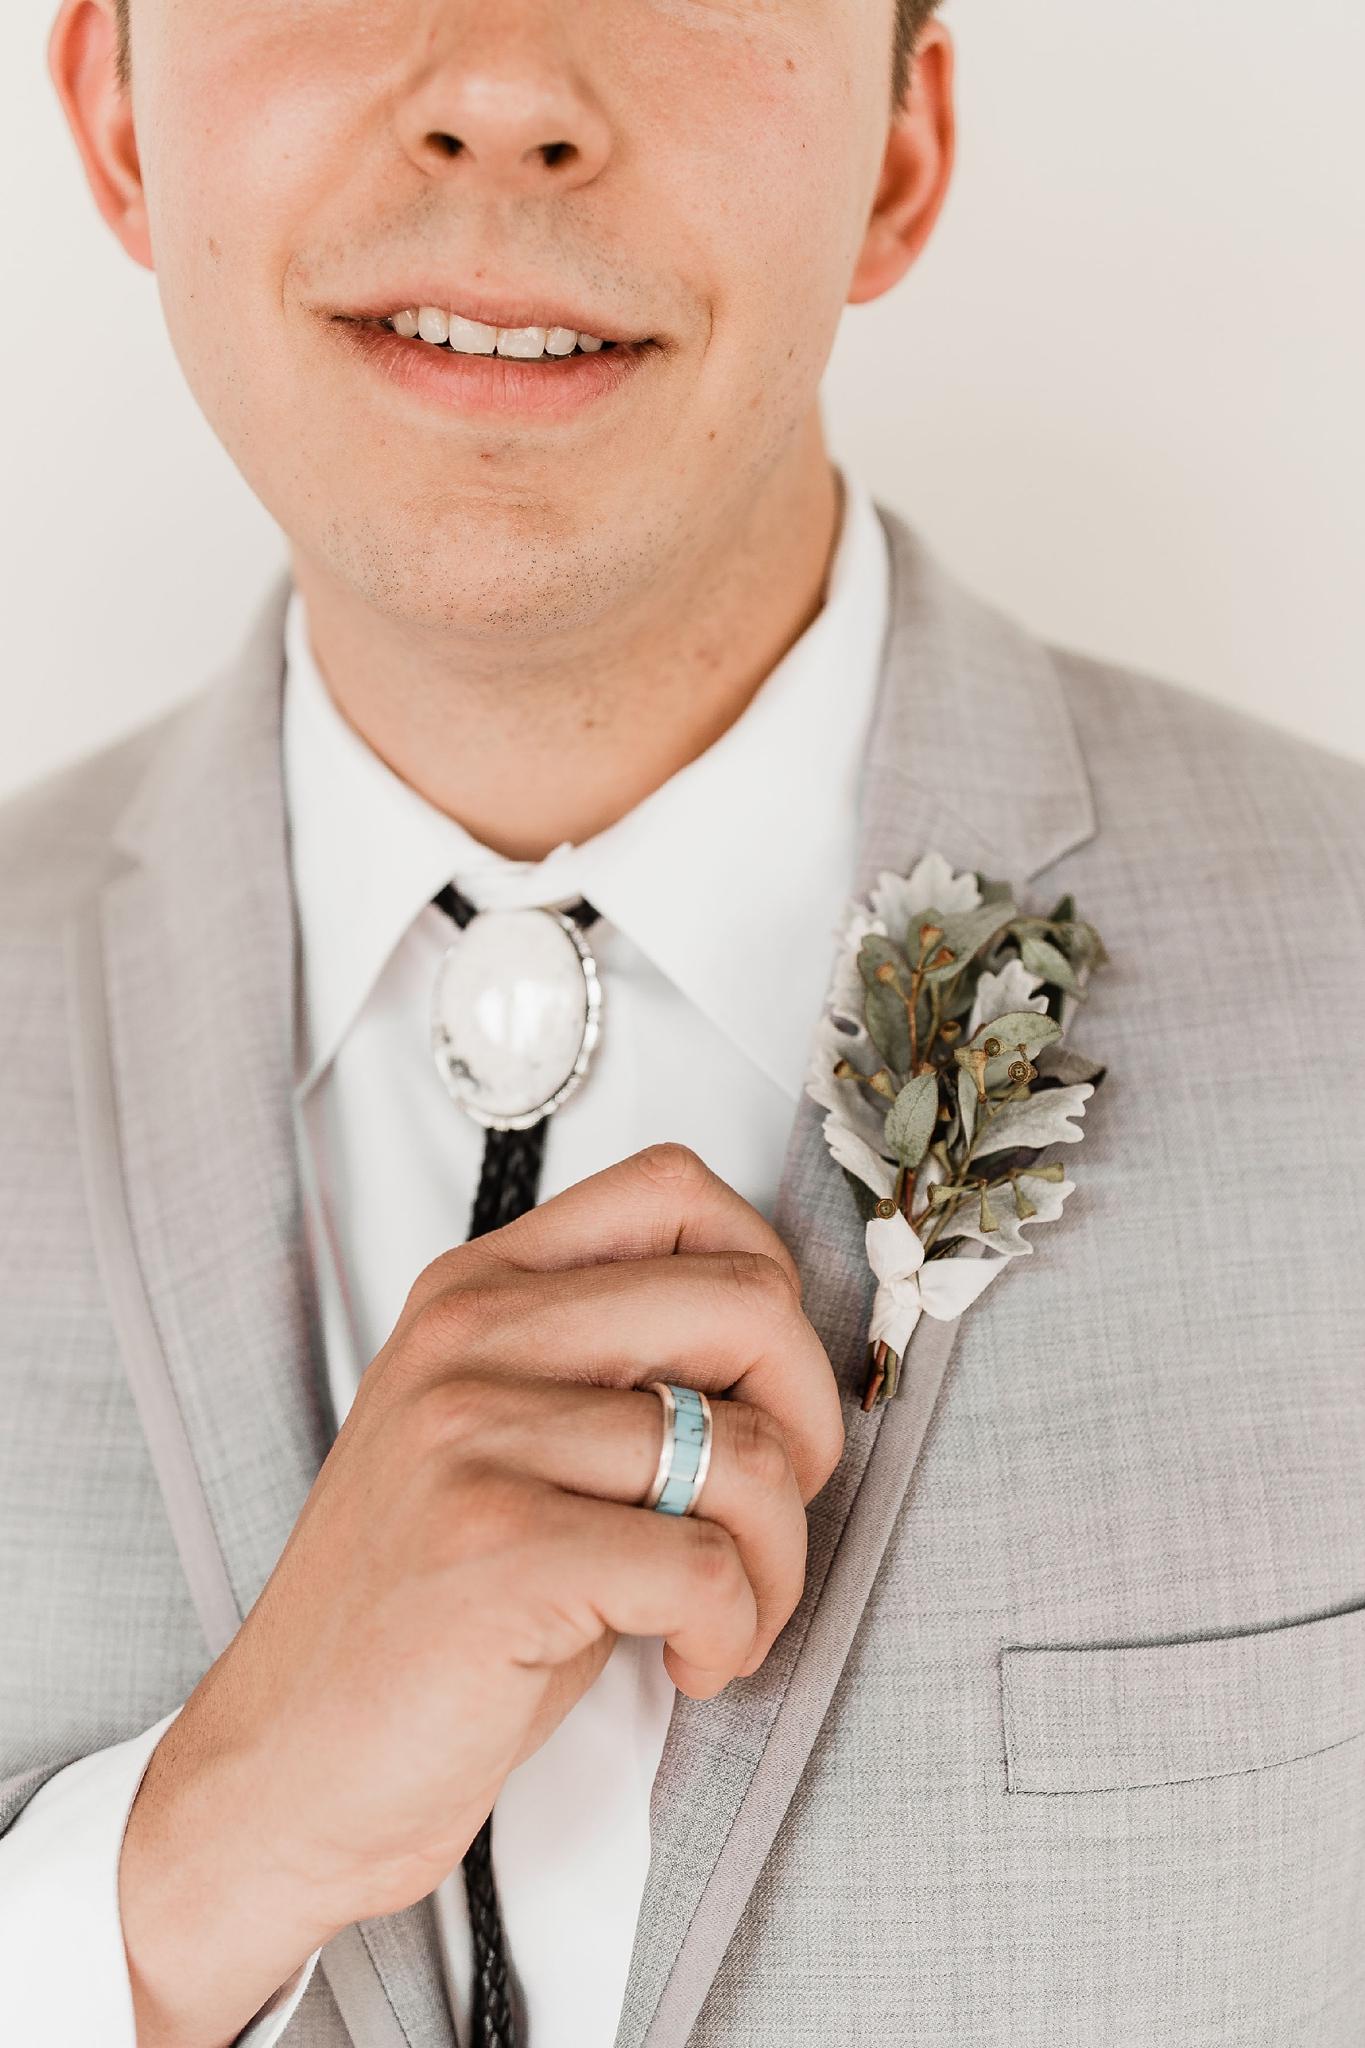 Alicia+lucia+photography+-+albuquerque+wedding+photographer+-+santa+fe+wedding+photography+-+new+mexico+wedding+photographer+-+new+mexico+wedding+-+summer+wedding+-+summer+wedding+florals+-+southwest+wedding_0037.jpg